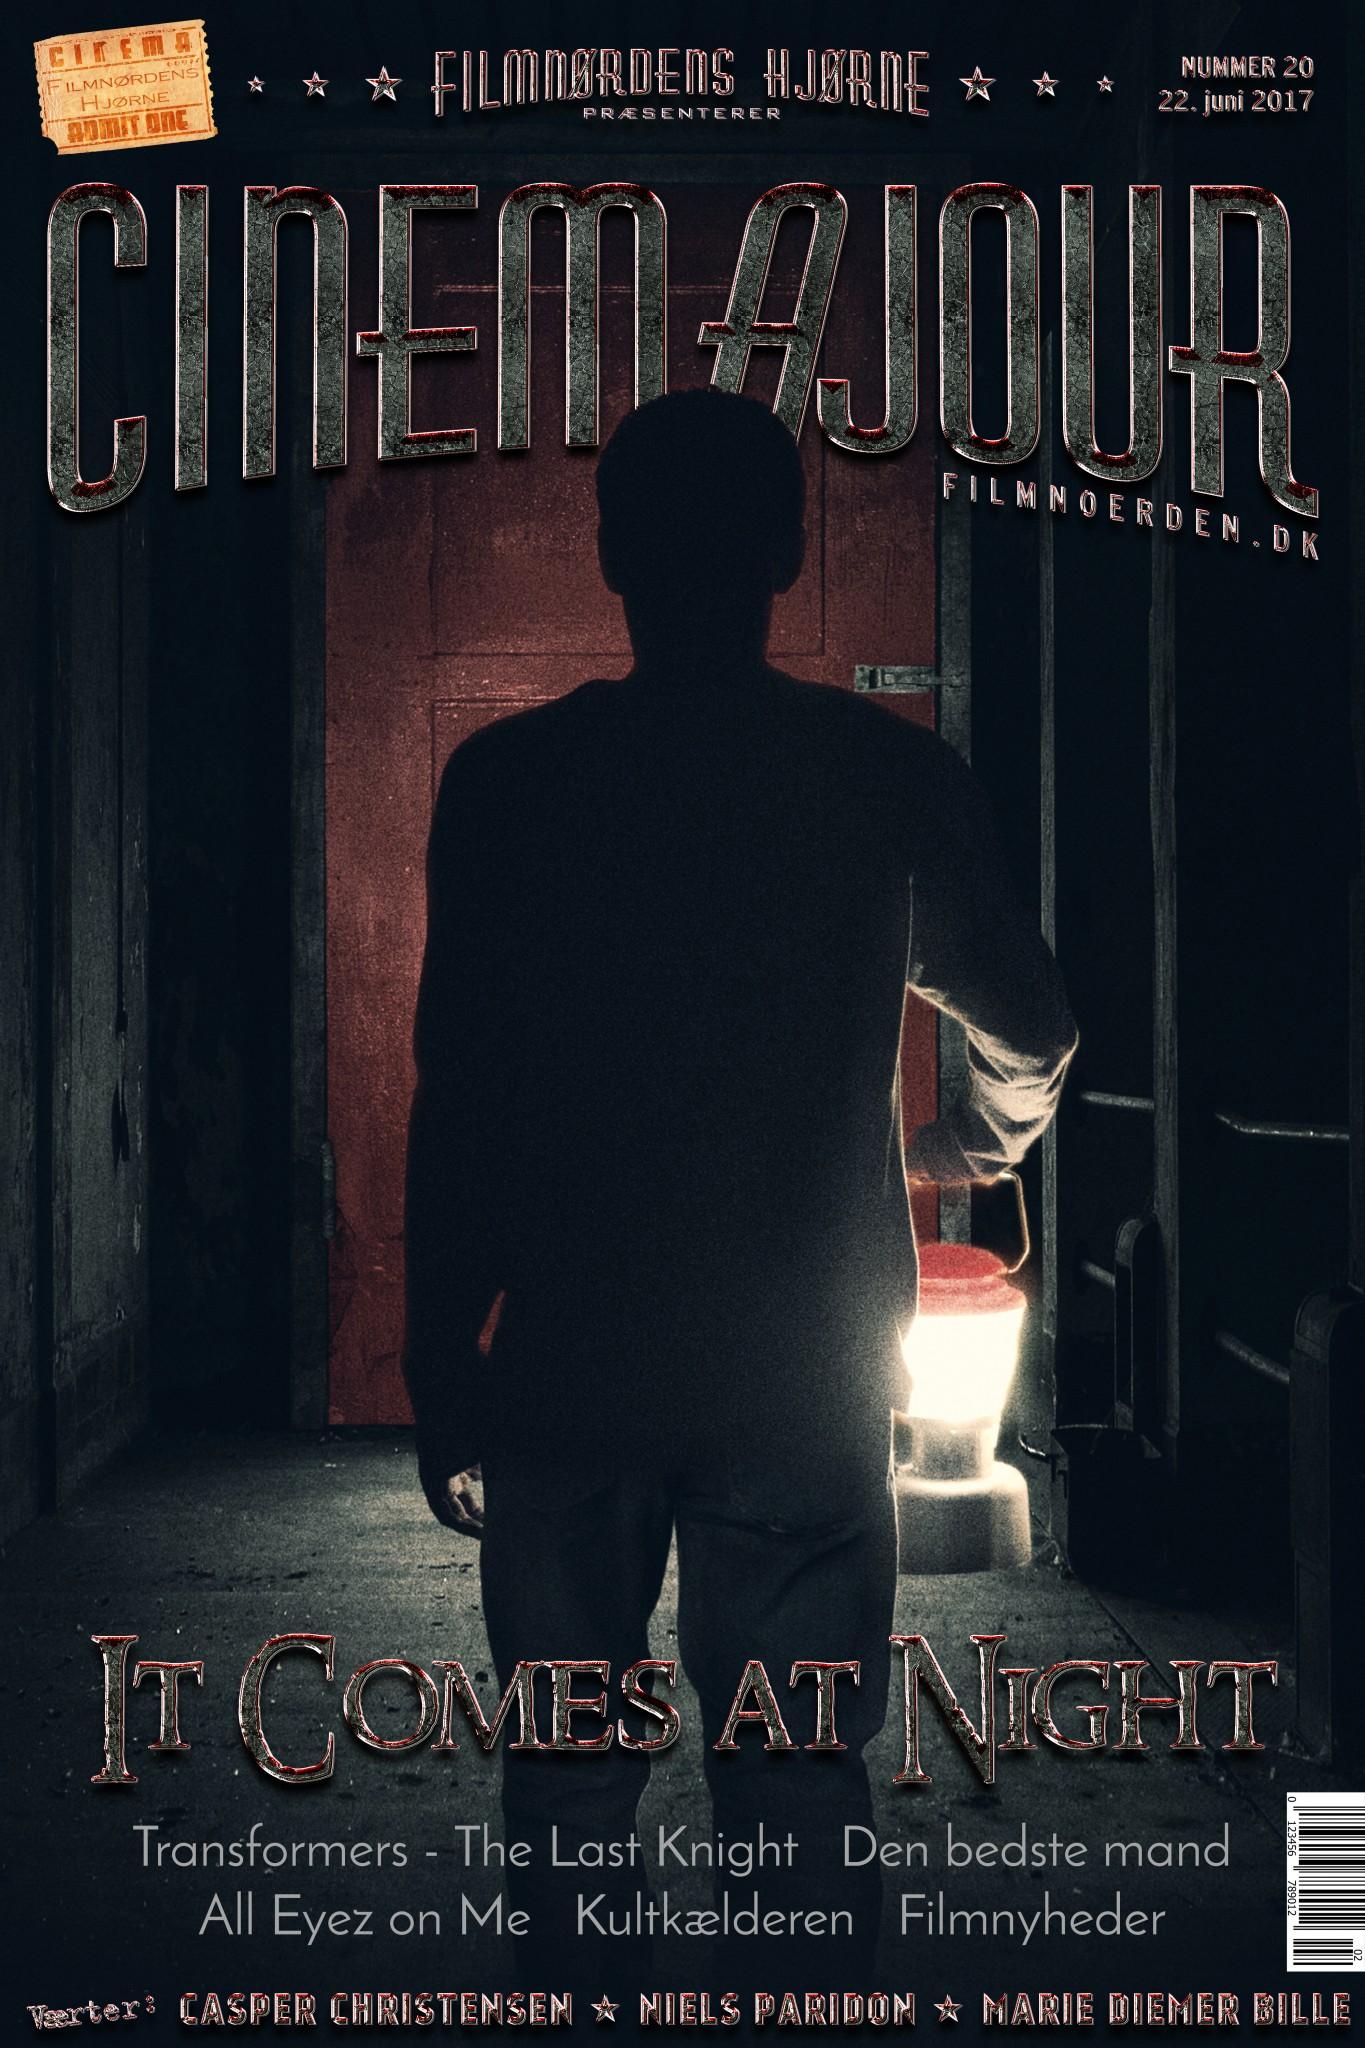 Cinemajour ep. 20